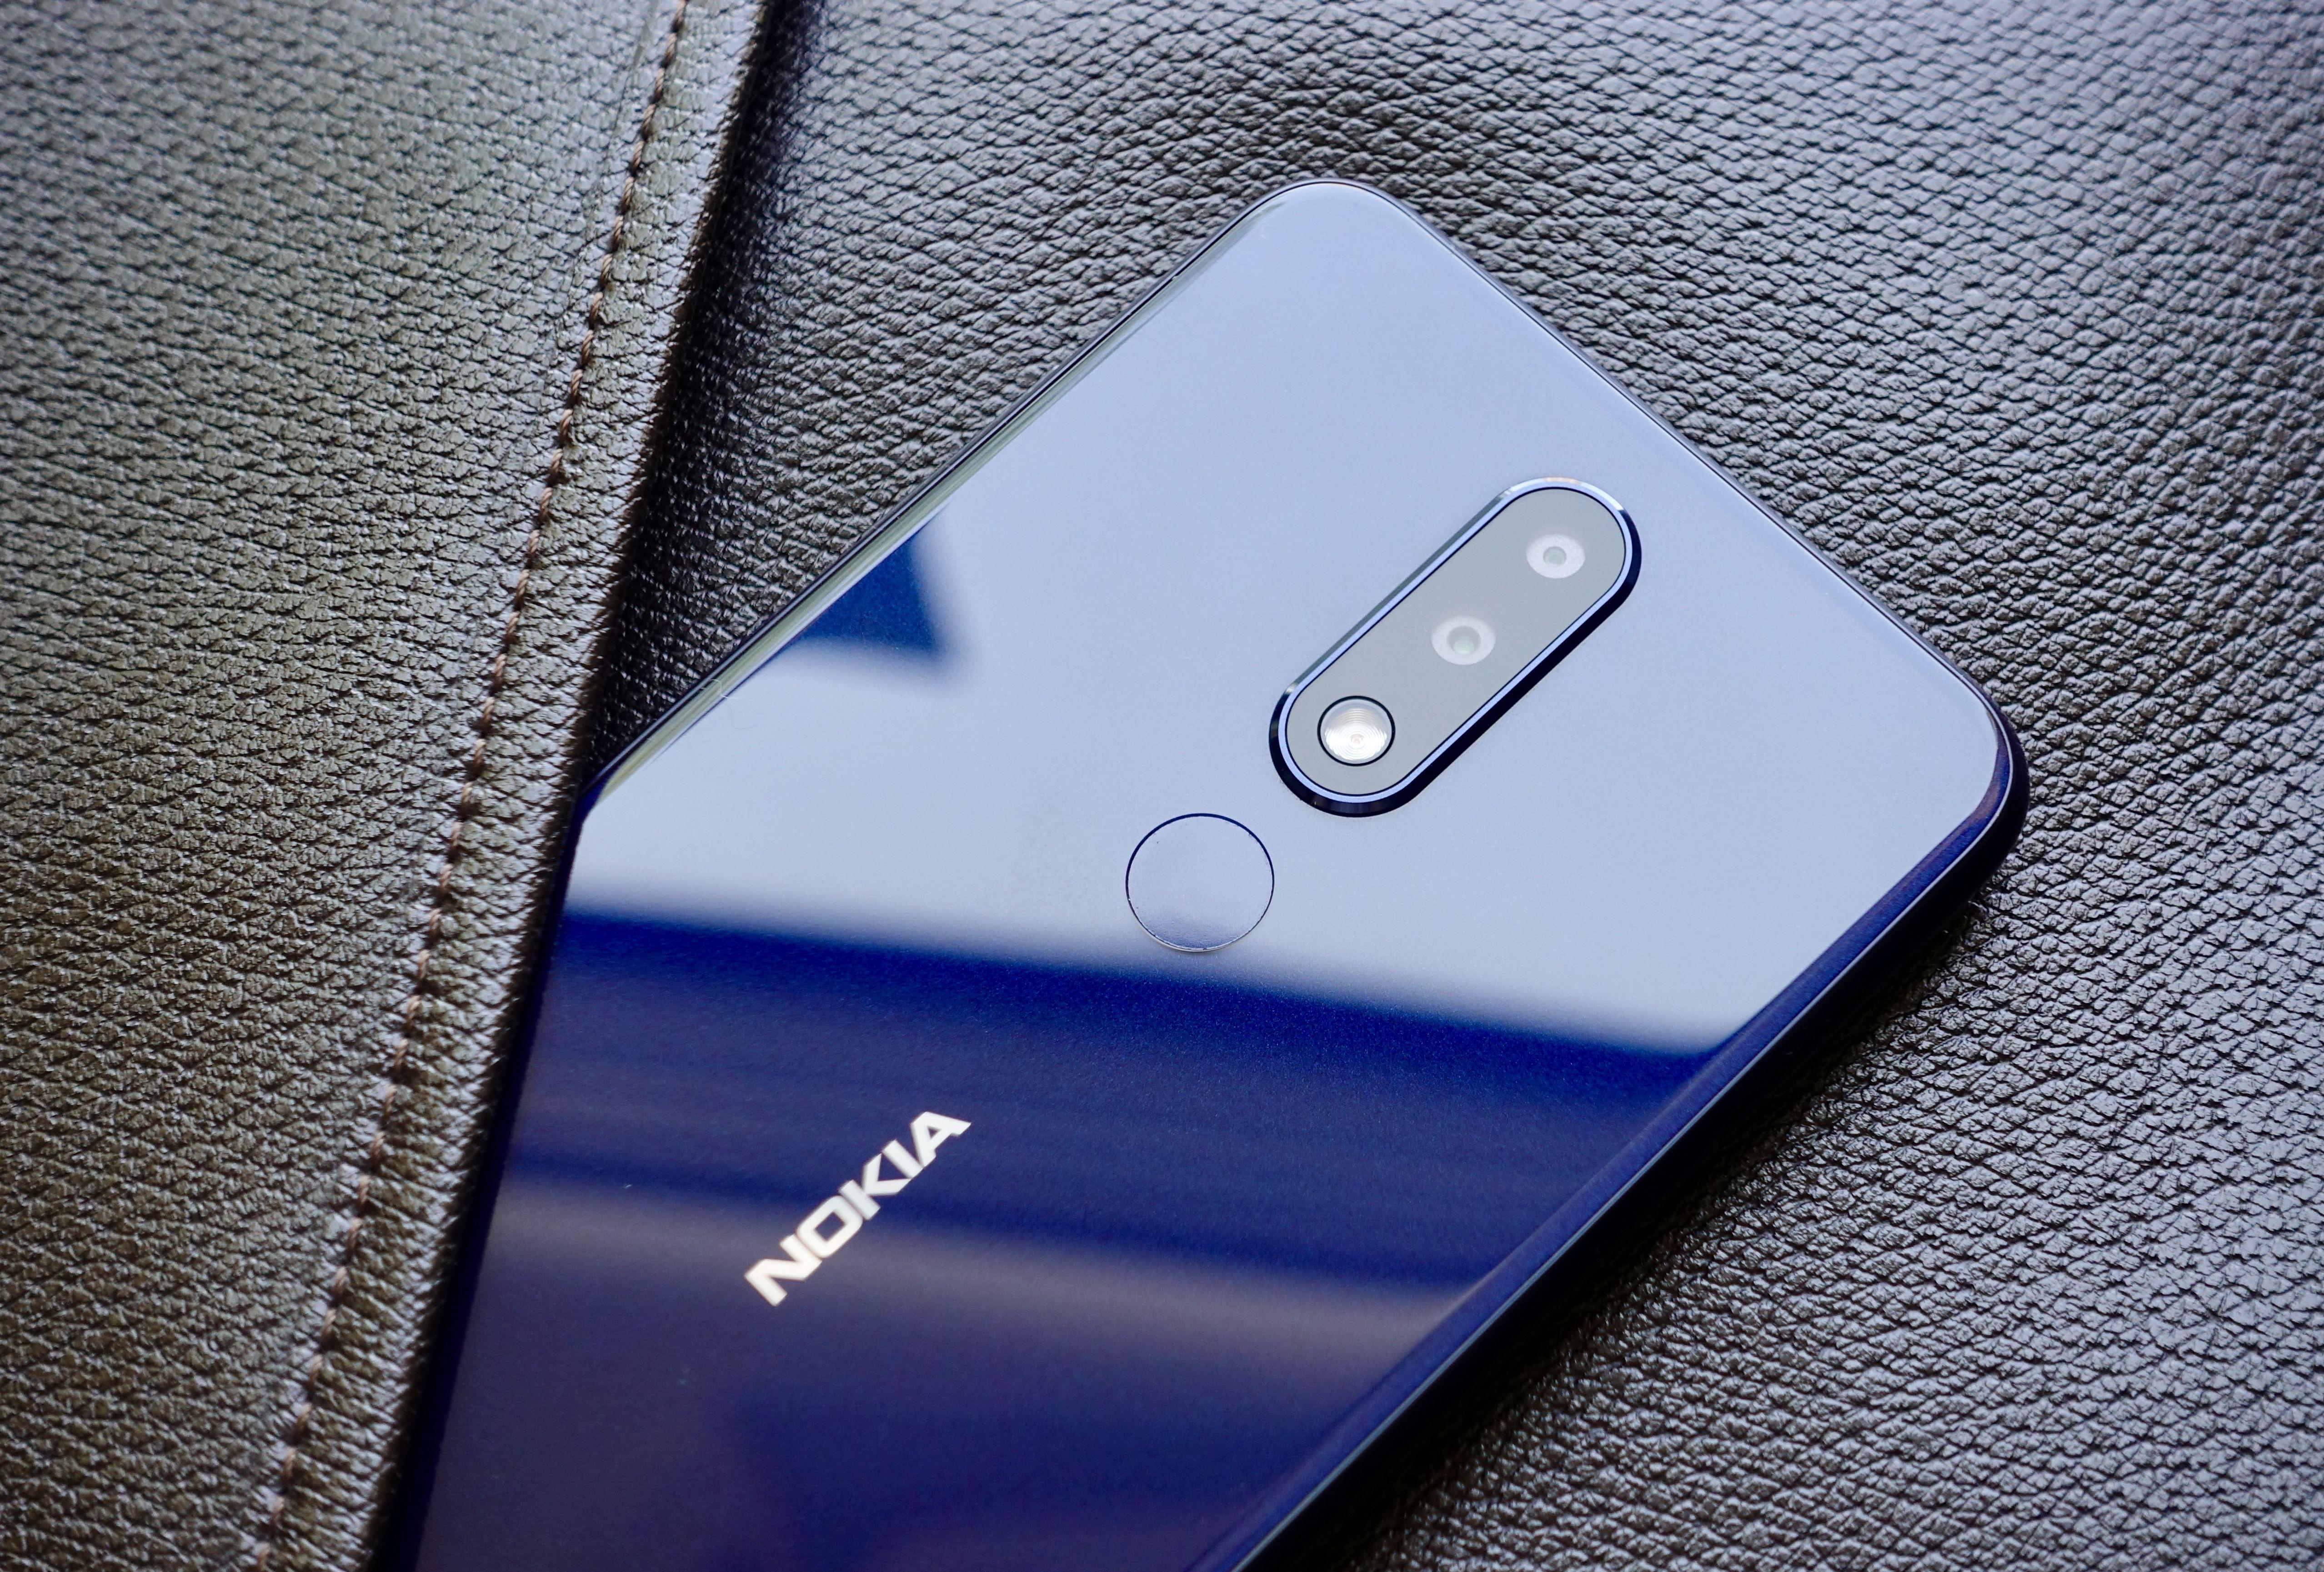 千元机中性能最强,却还带着一丝精致的感觉!Nokia X5上手评测